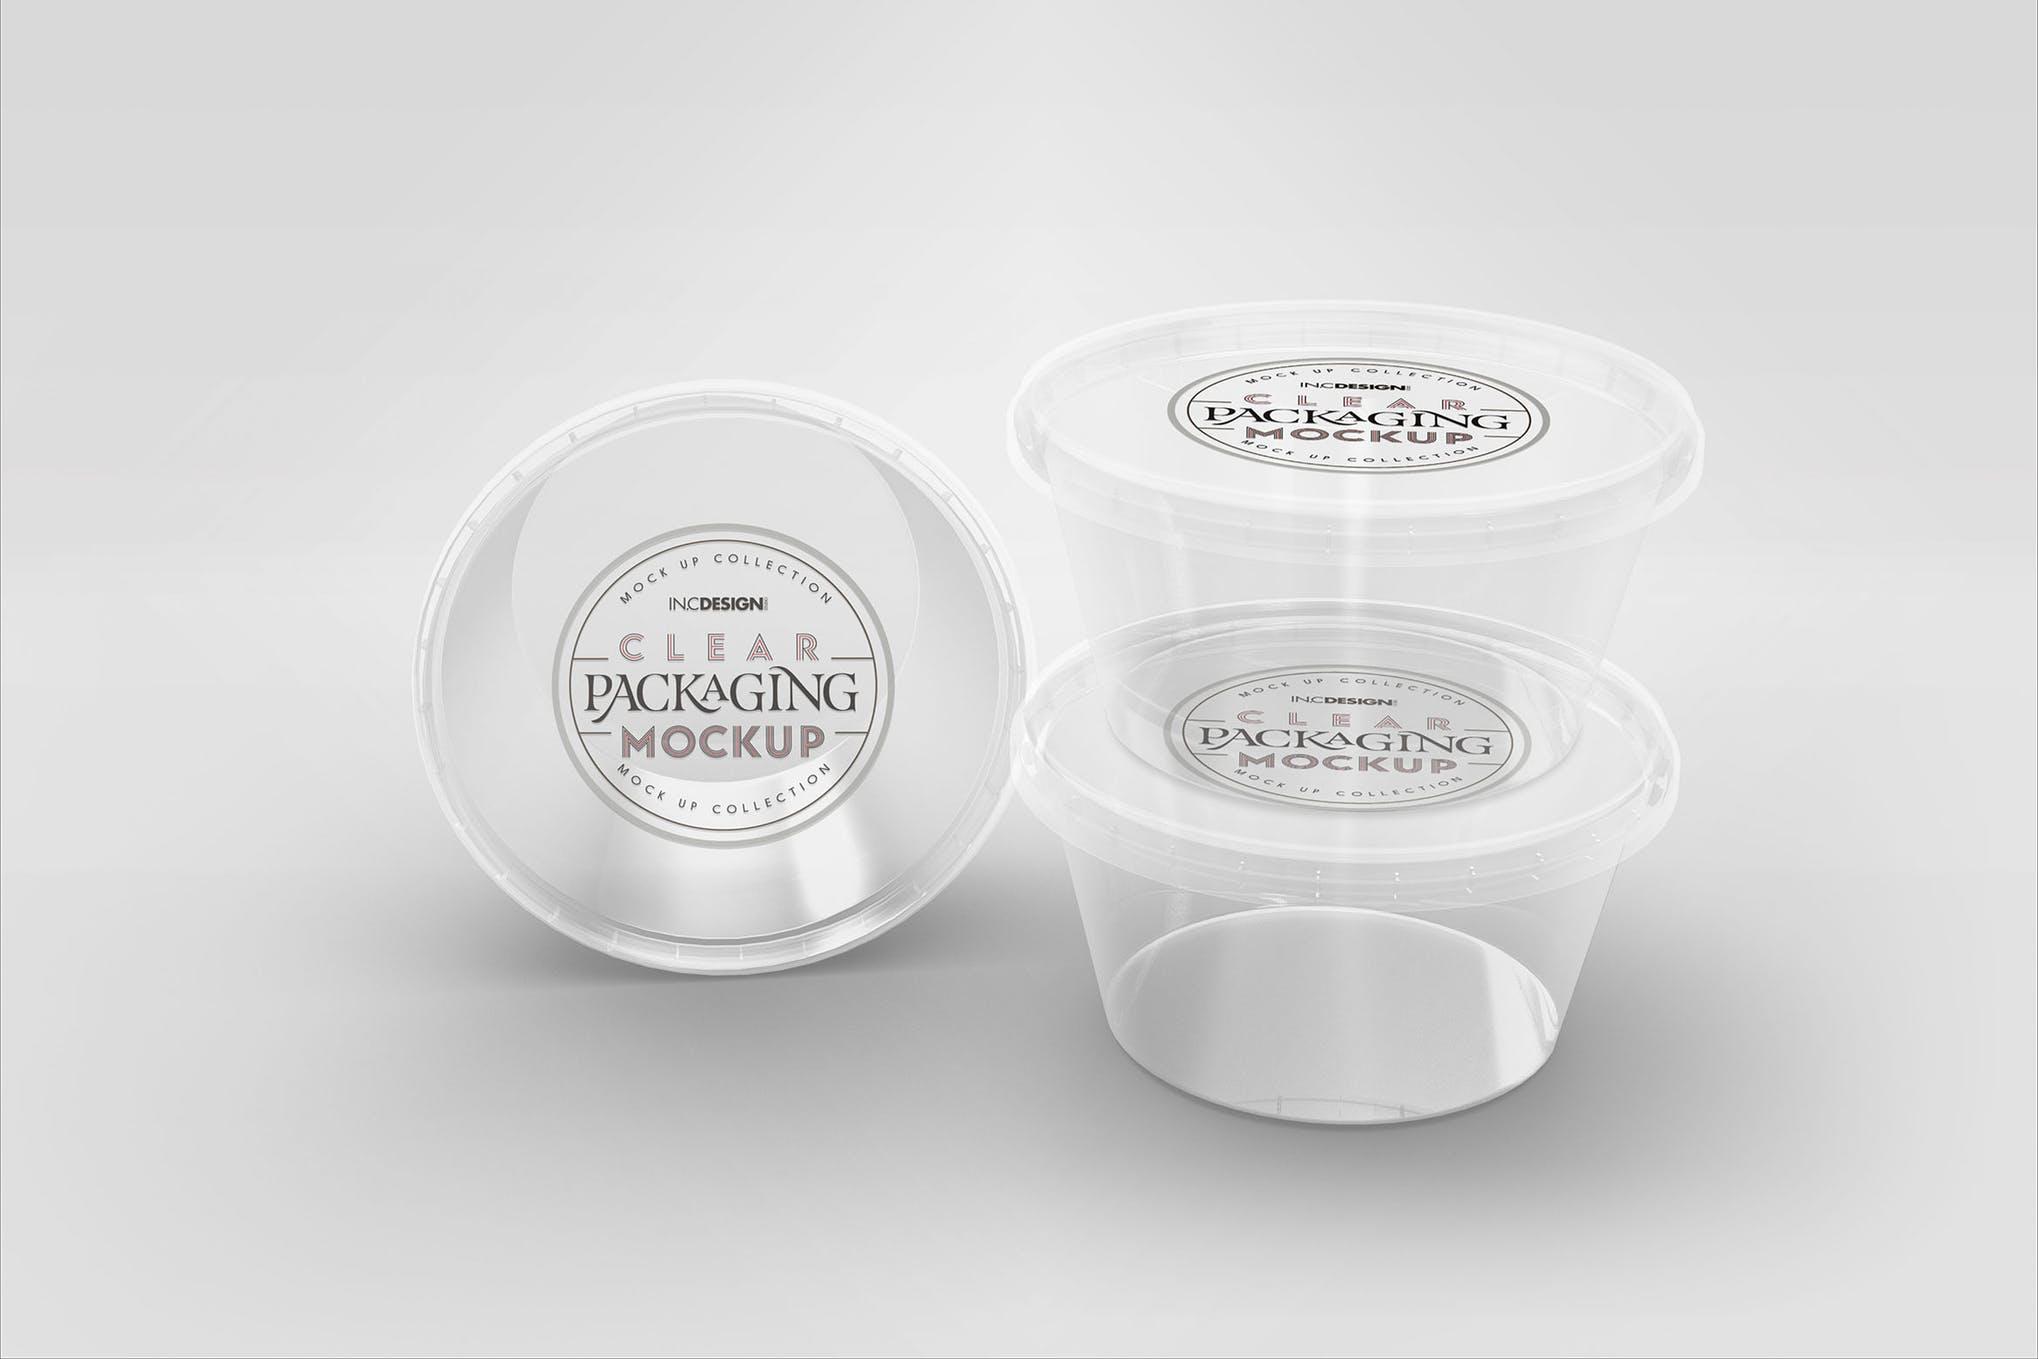 透明圆酱容器包装样机素材模板智能贴图 样机Clear Round Sauce Containers Packaging Mockup